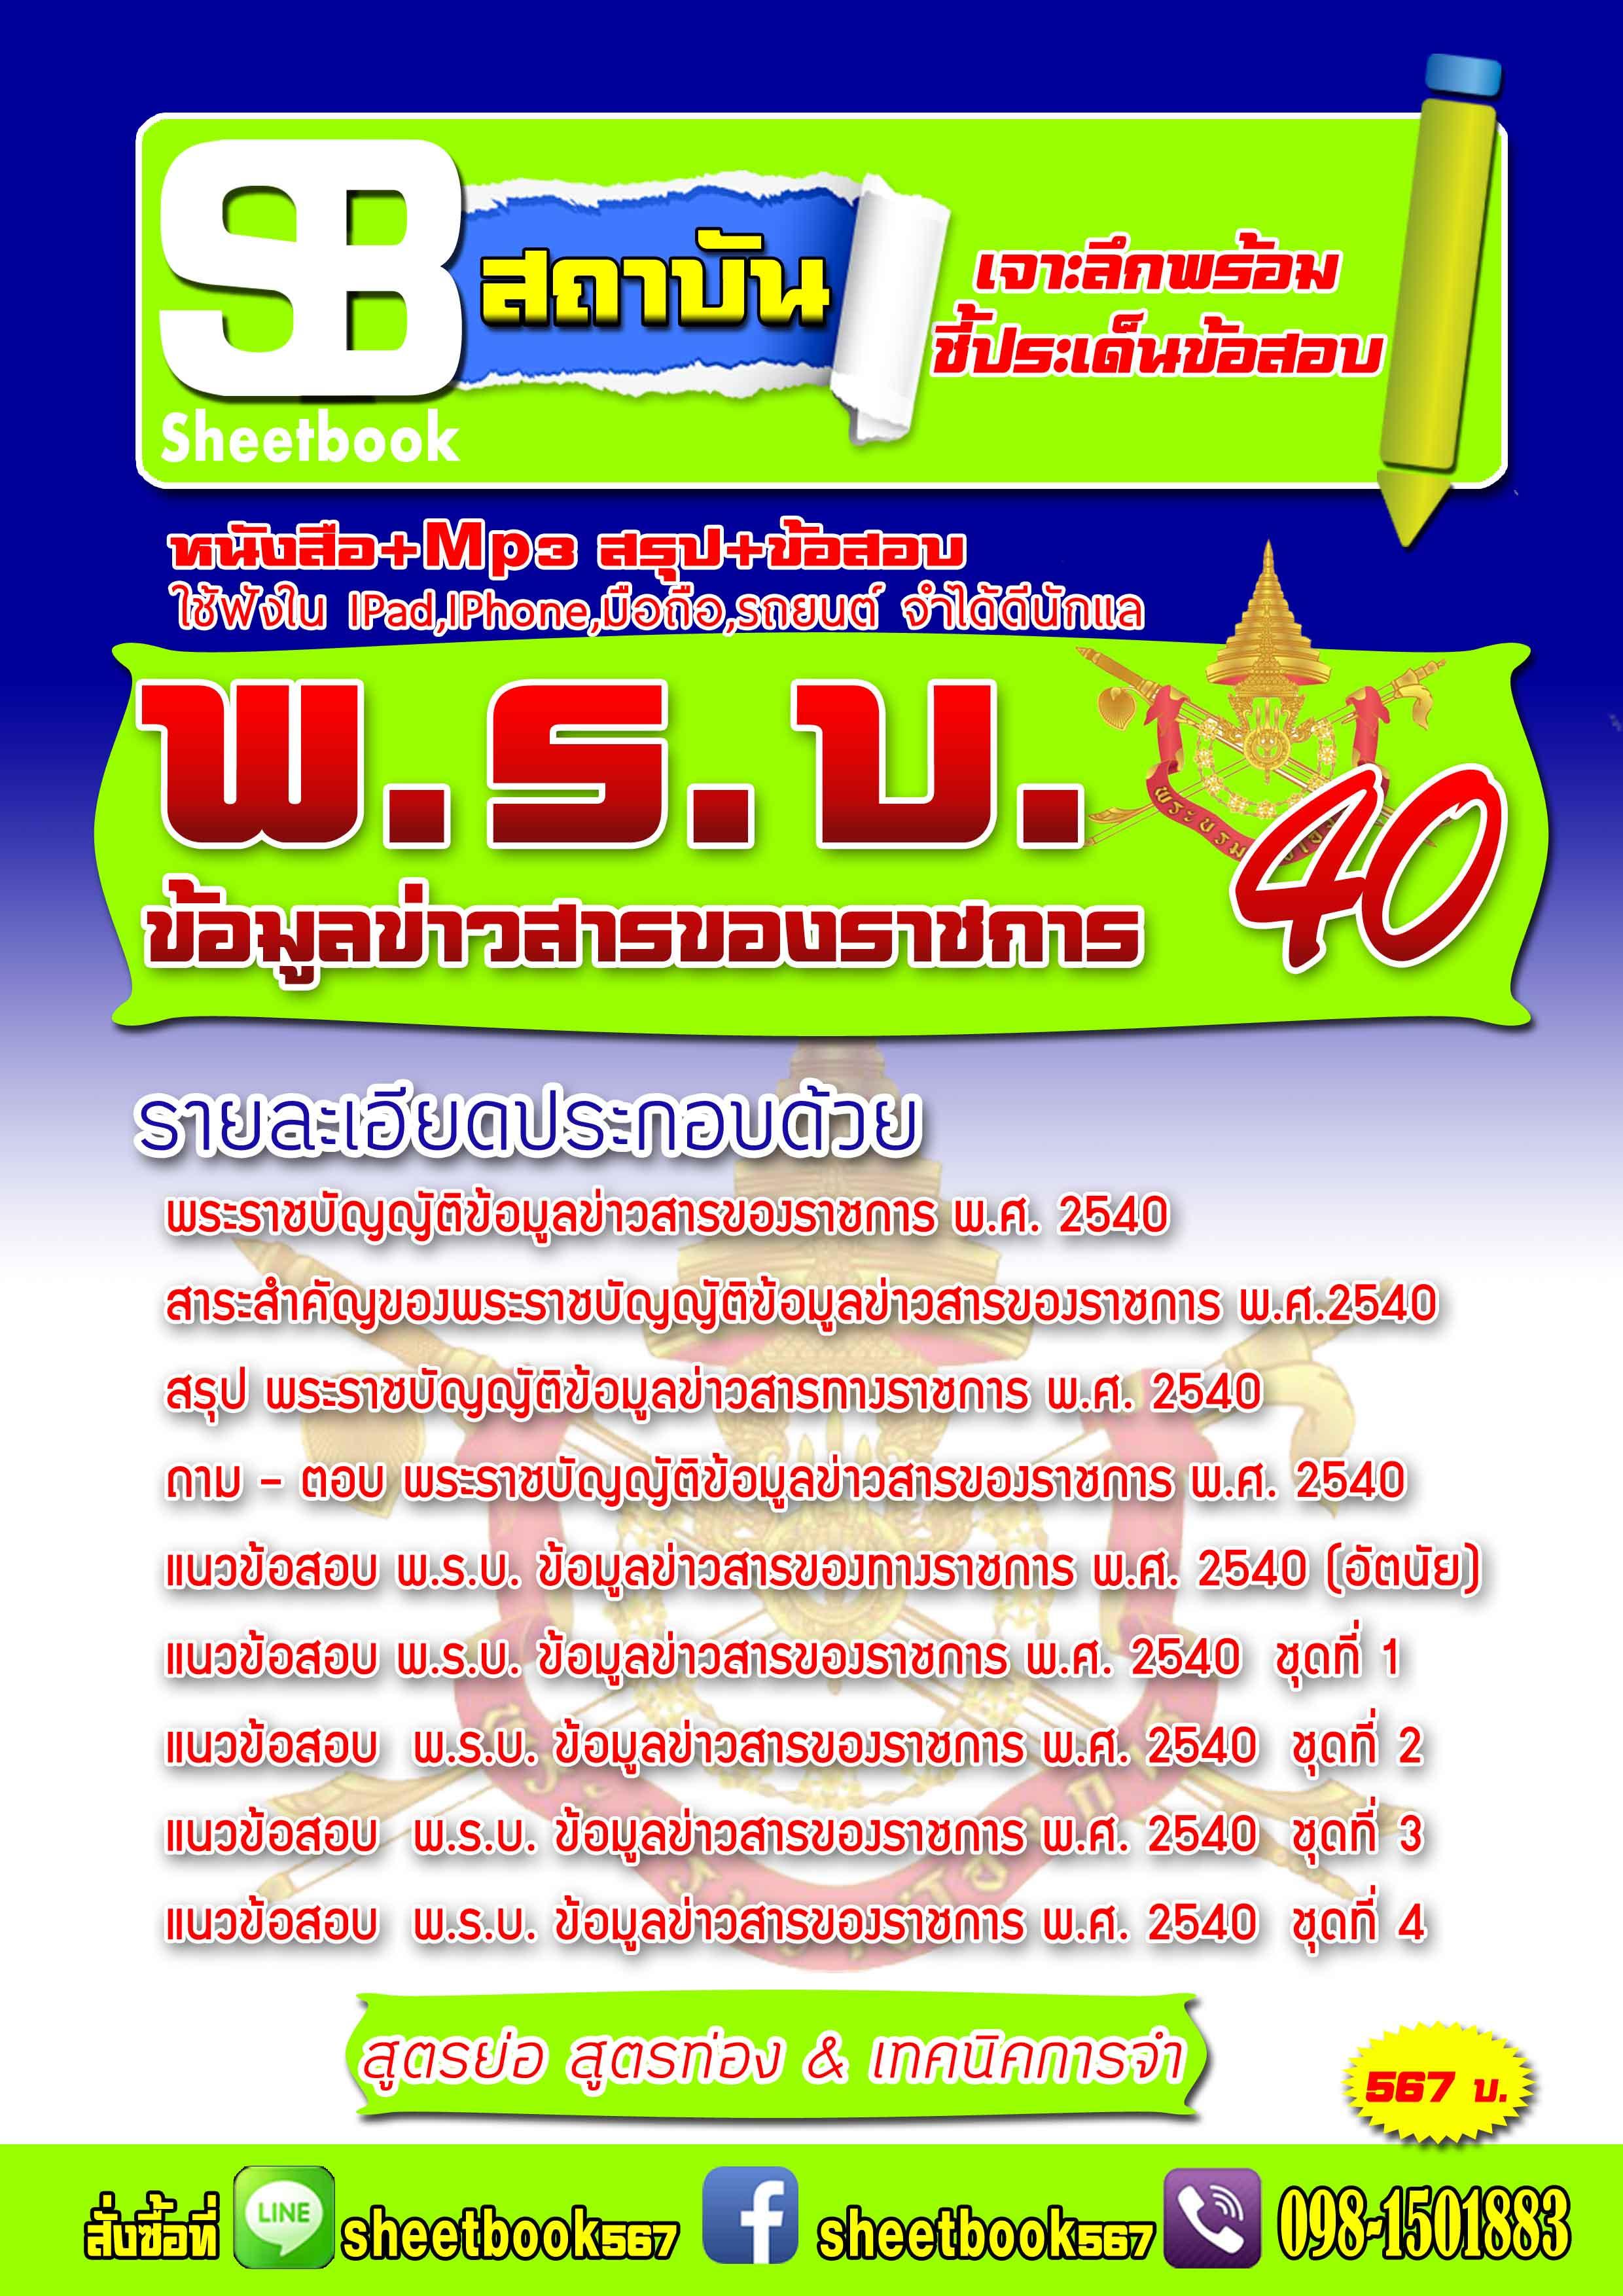 หนังสือ+Mp3 ข้อมูลข่าวสารของราชการ 2540